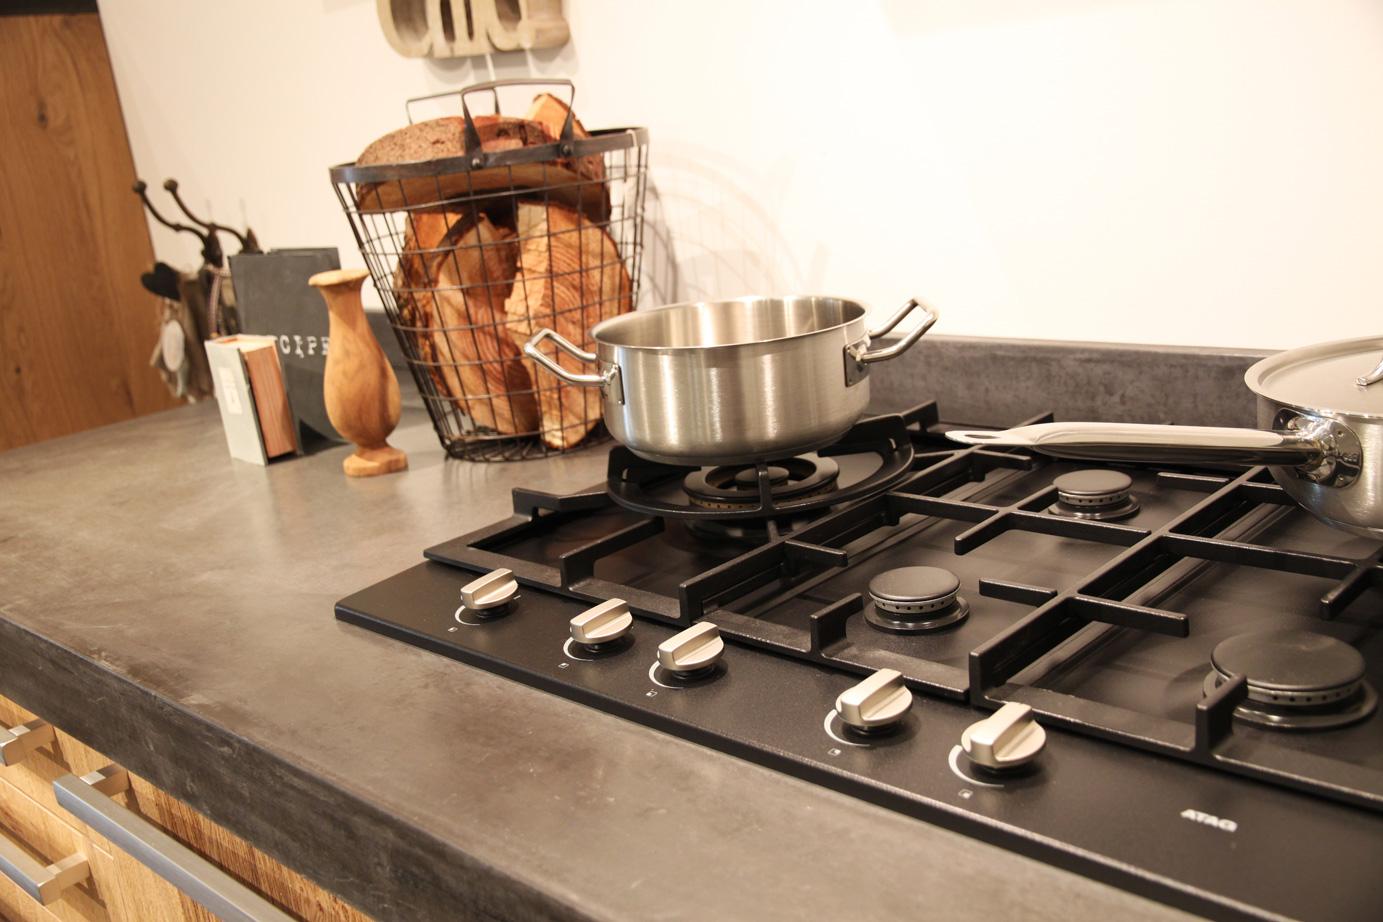 Keuken Apparatuur Merken : Beste merk keukenapparatuur de beste keukenapparatuur voor uw